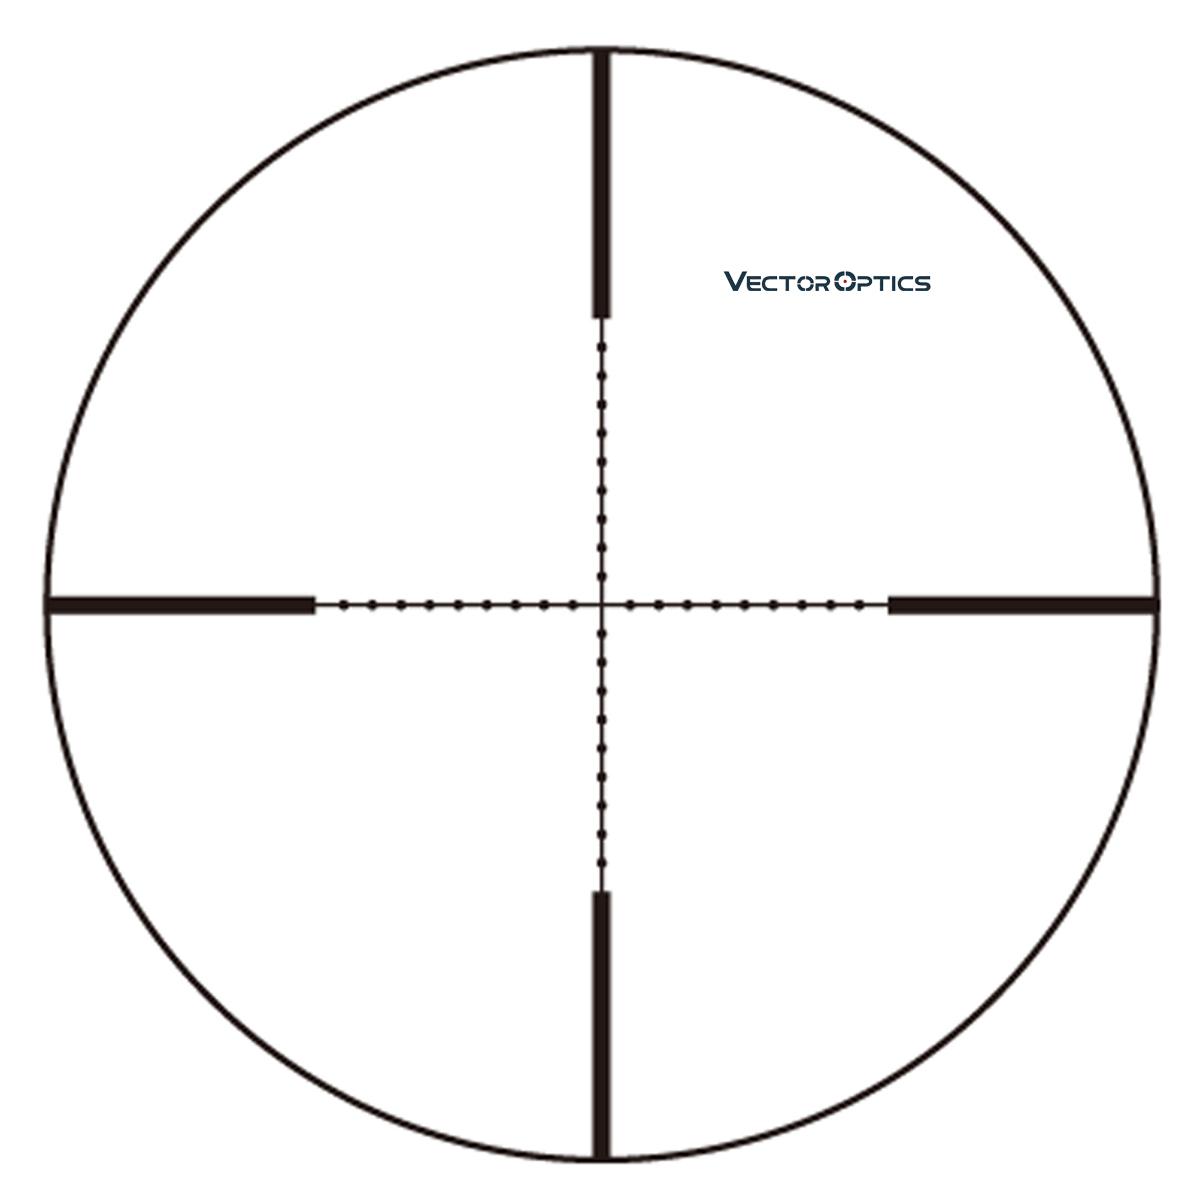 Vector Optics Cerato 3-9x32 Zielfernrohr Jagd Produkt mit Rot Grün Beleuchtet R14 Absehen Grün Laser